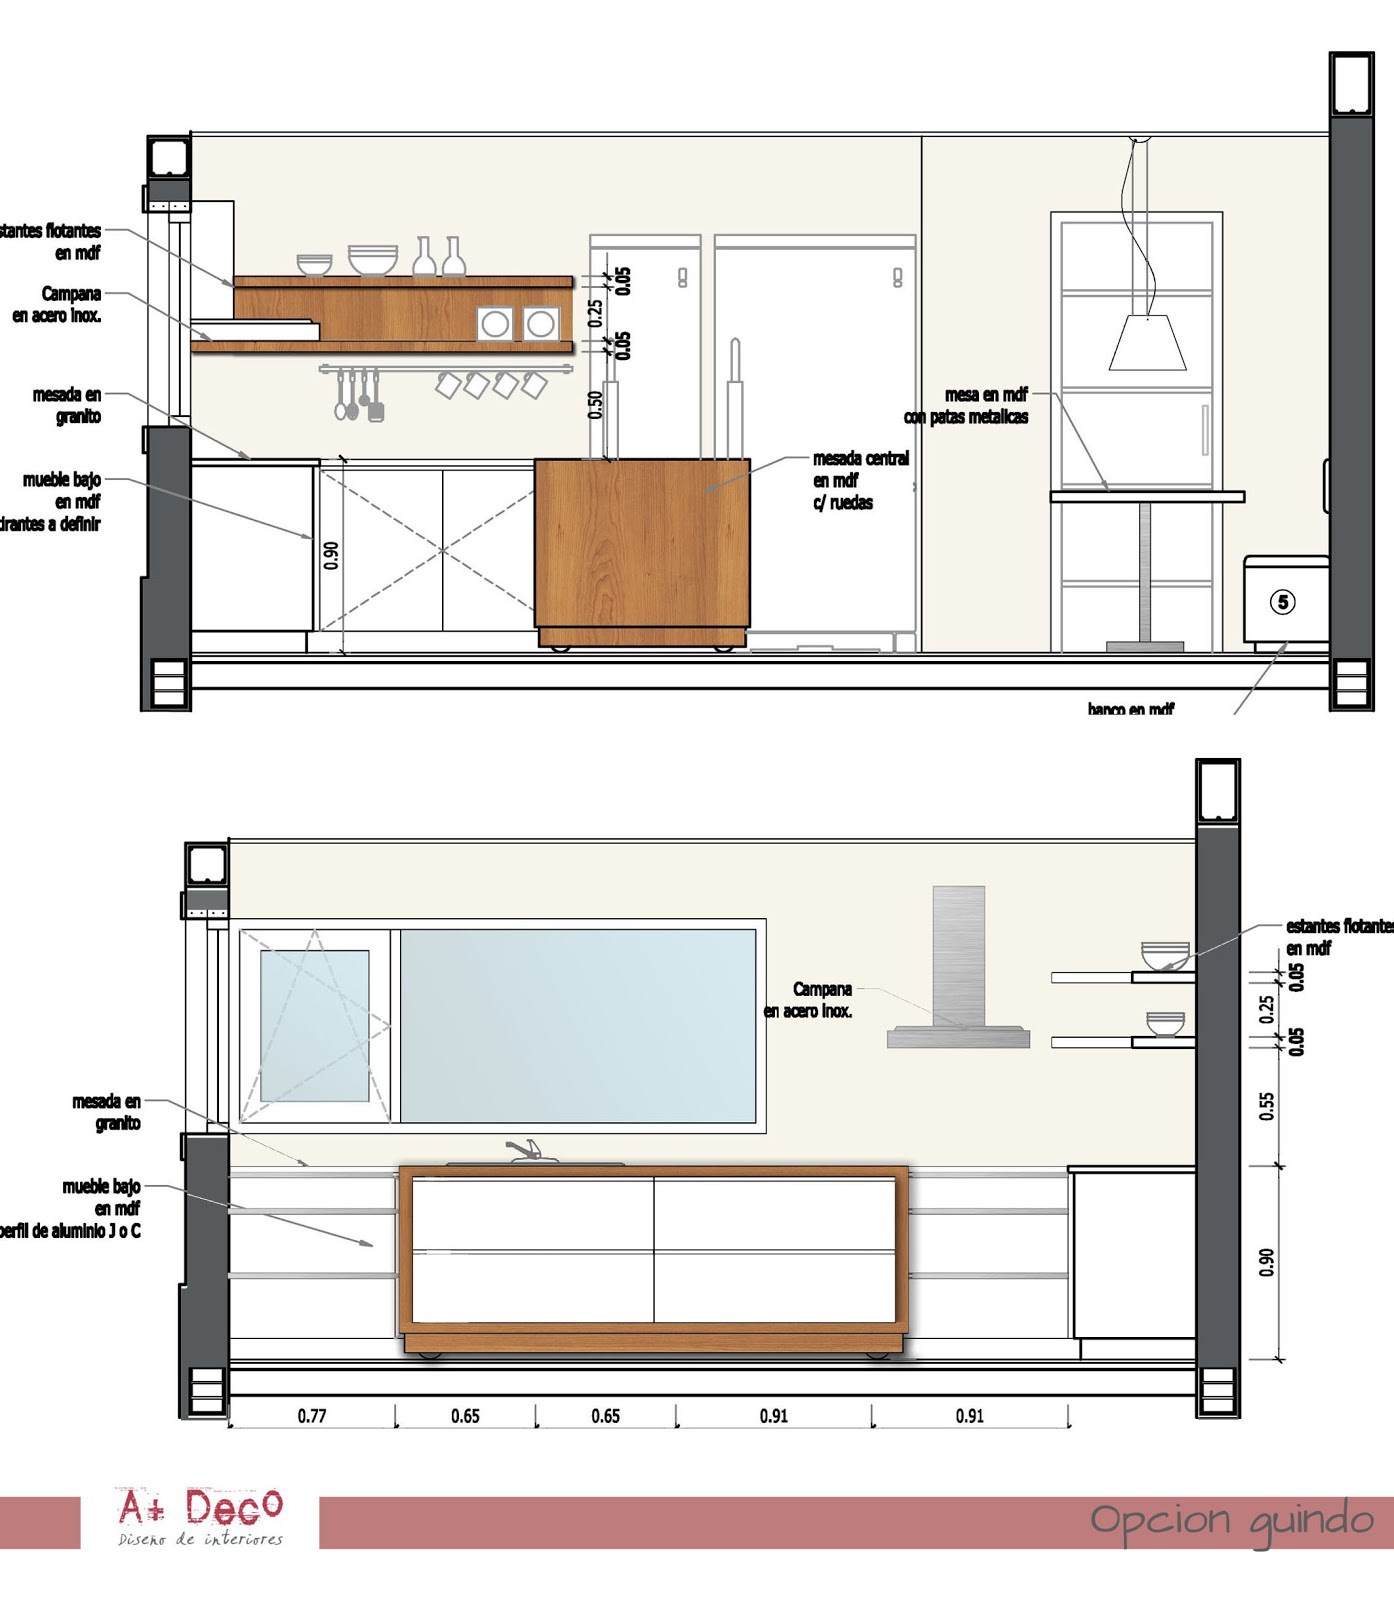 Fotos y planos de muebles de cocina ideas for Planos de cocinas 4x4